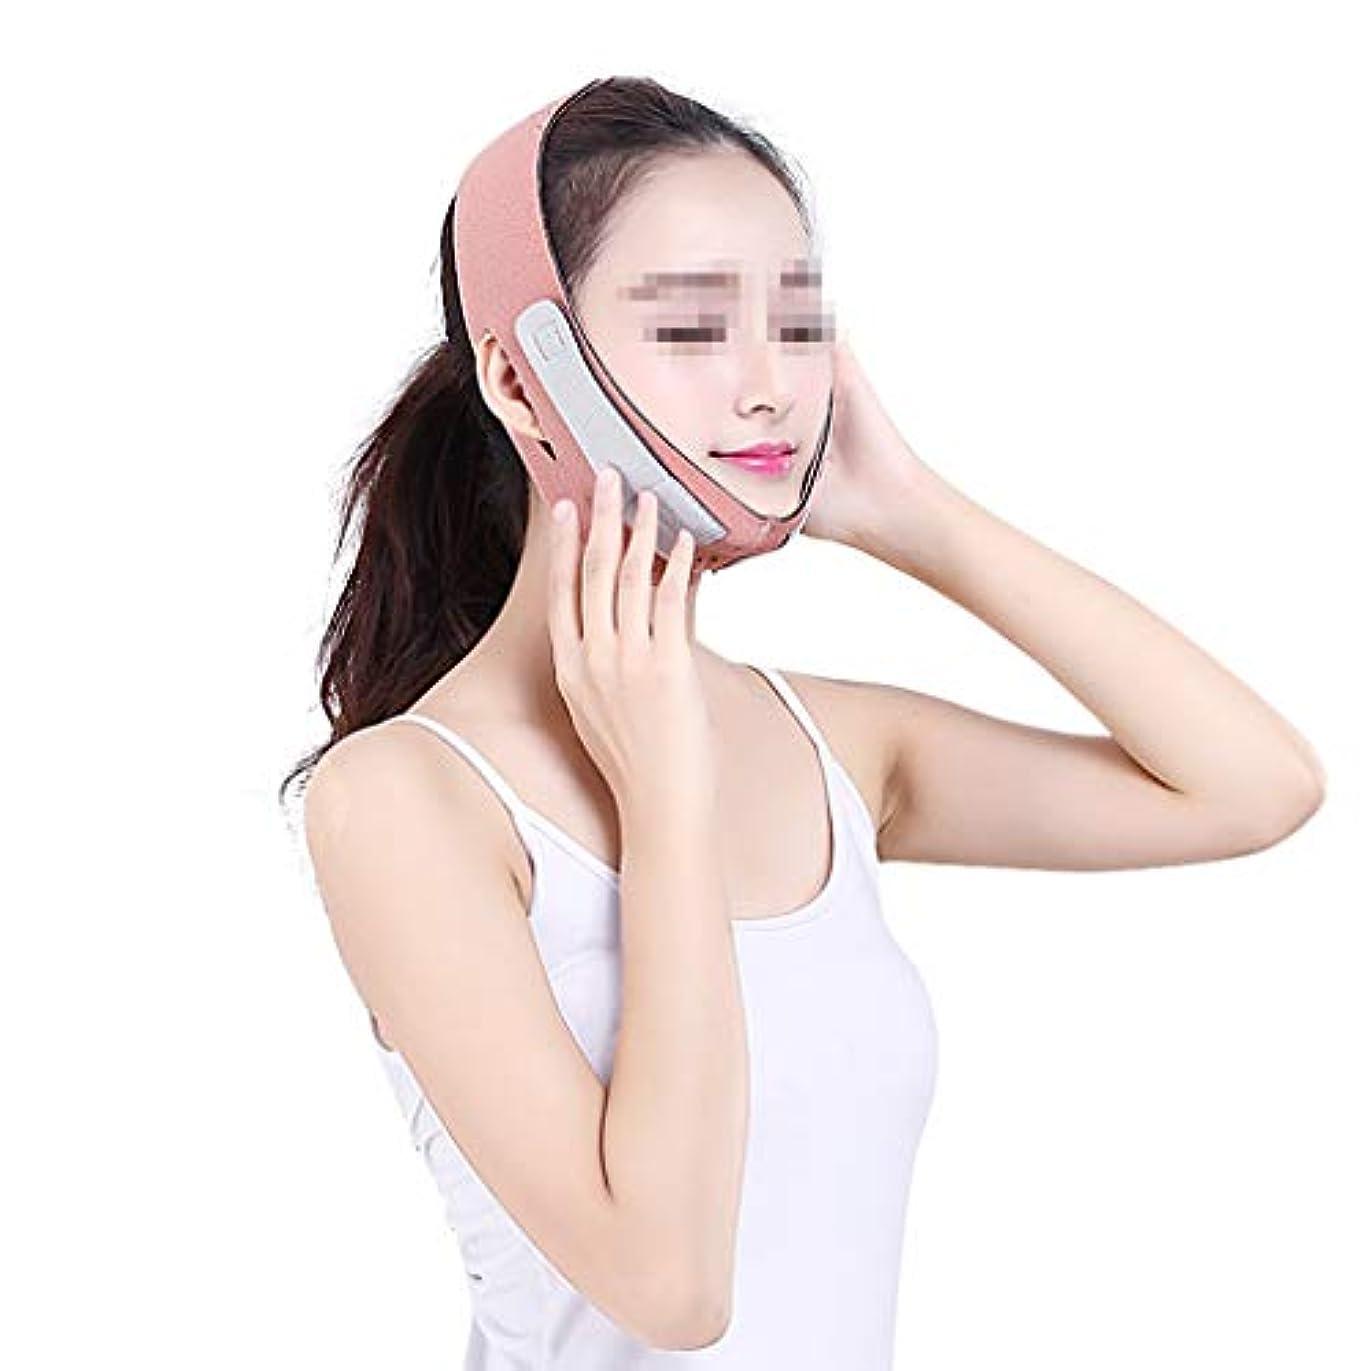 まともな醸造所動詞XHLMRMJ 顔の持ち上がる睡眠のV顔の包帯、マスクの顔の顔のマッサージャーのあごの顔の持ち上がる顔の持ち上がる顔の持ち上がる機械